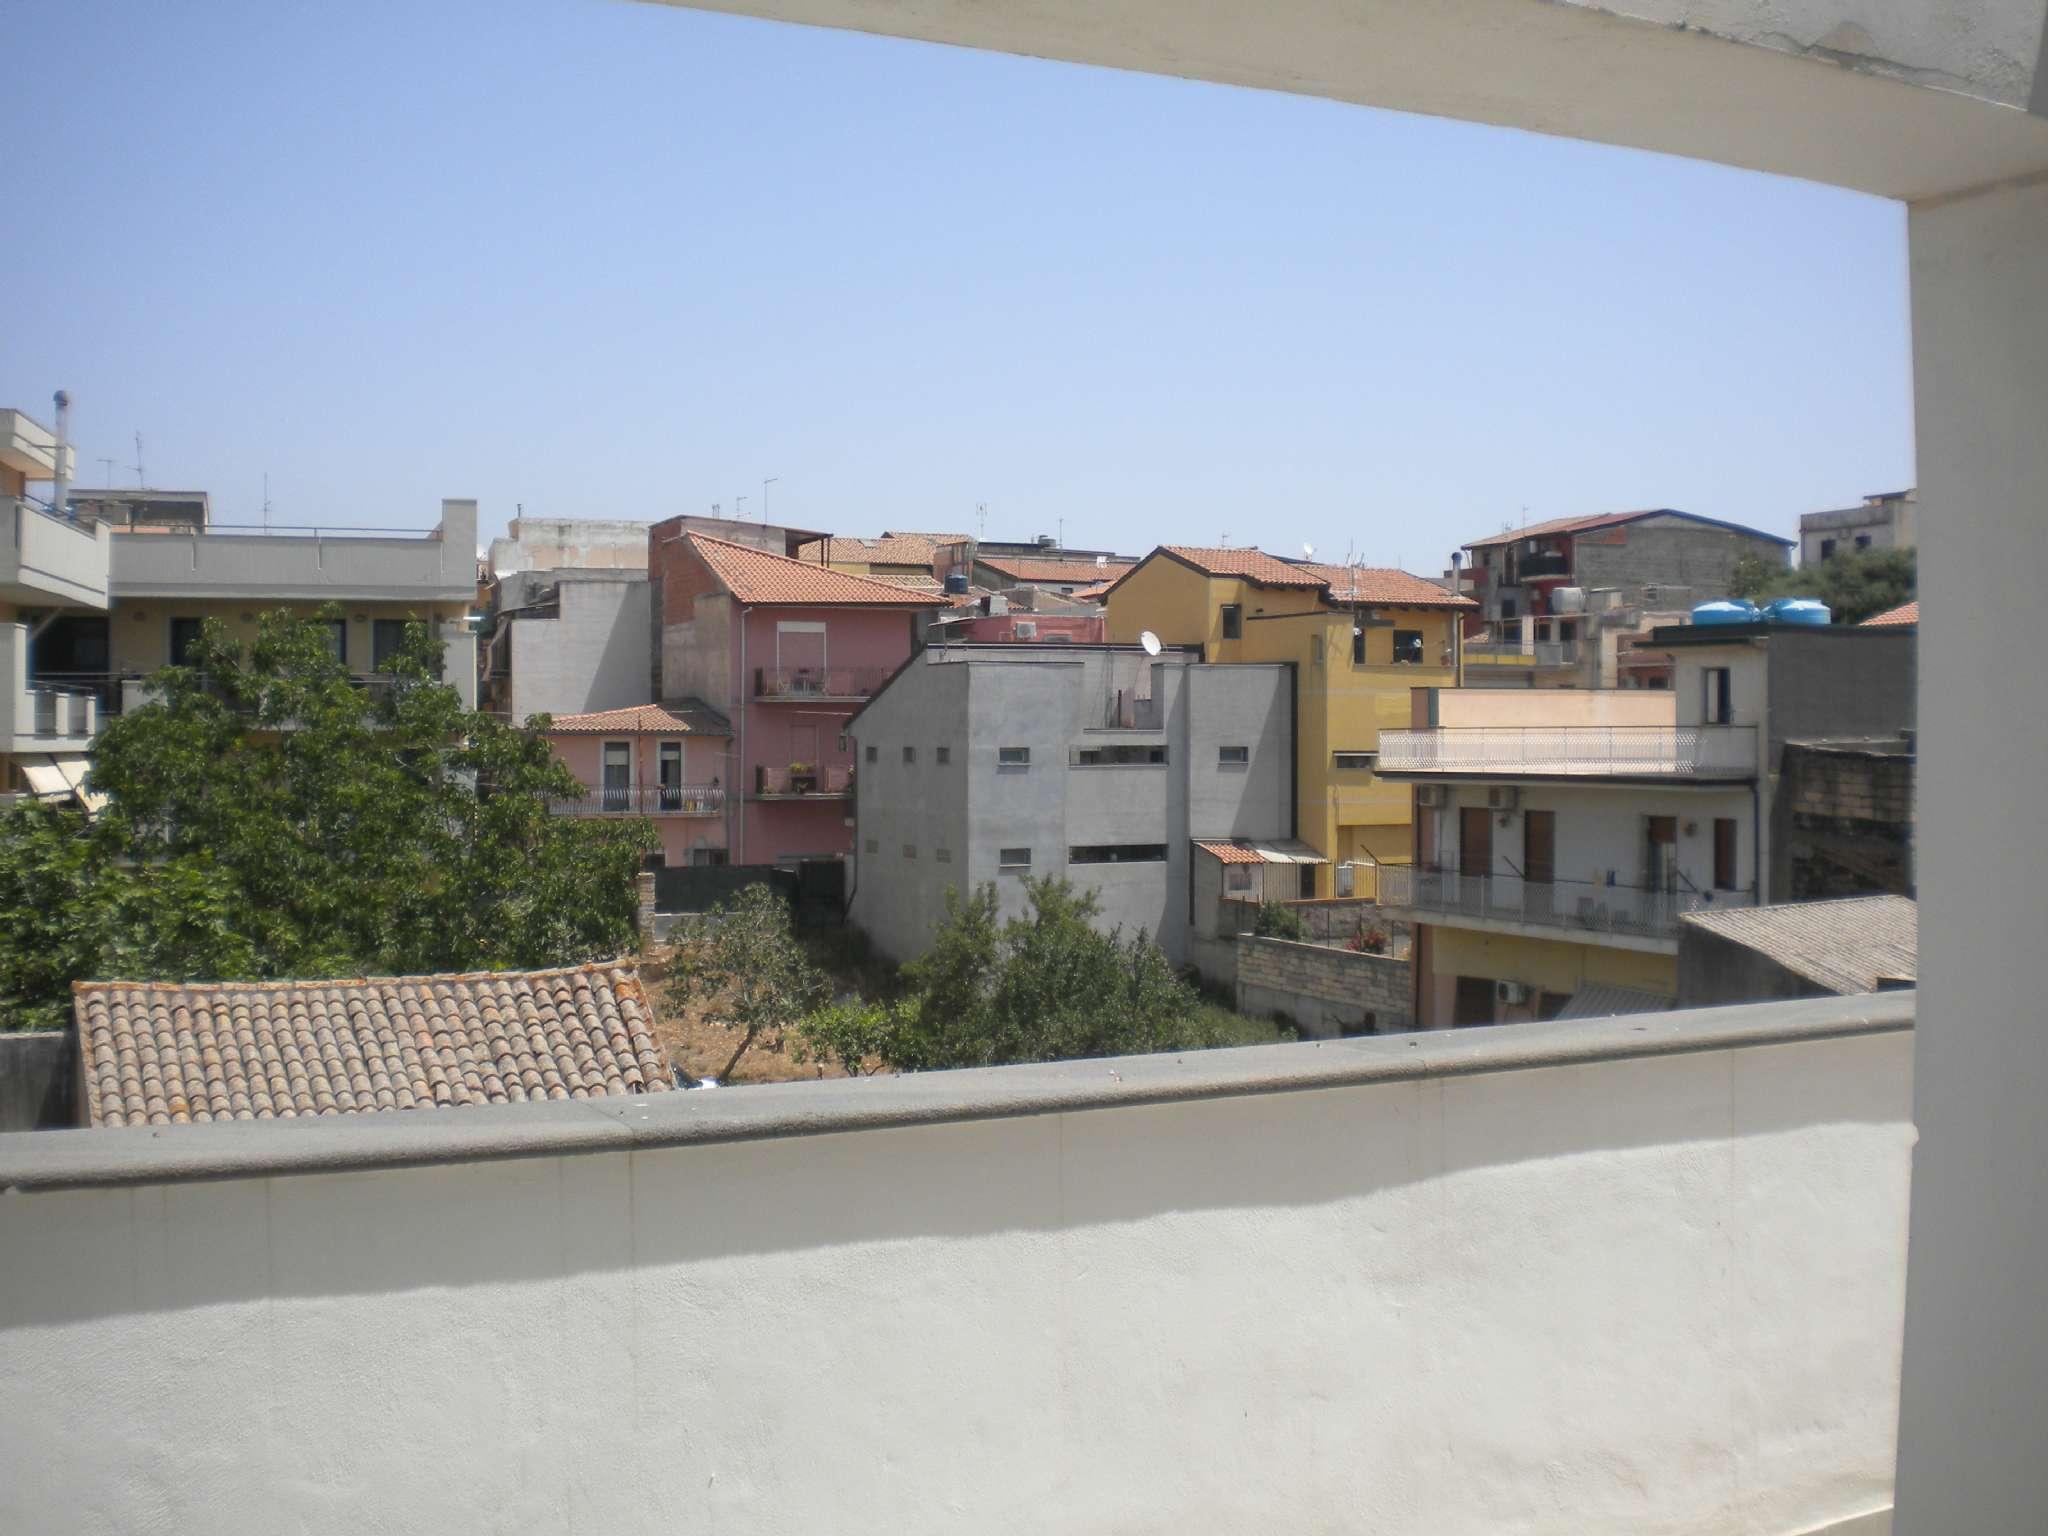 Attico panoramico con terrazzo a livello in zona centrale